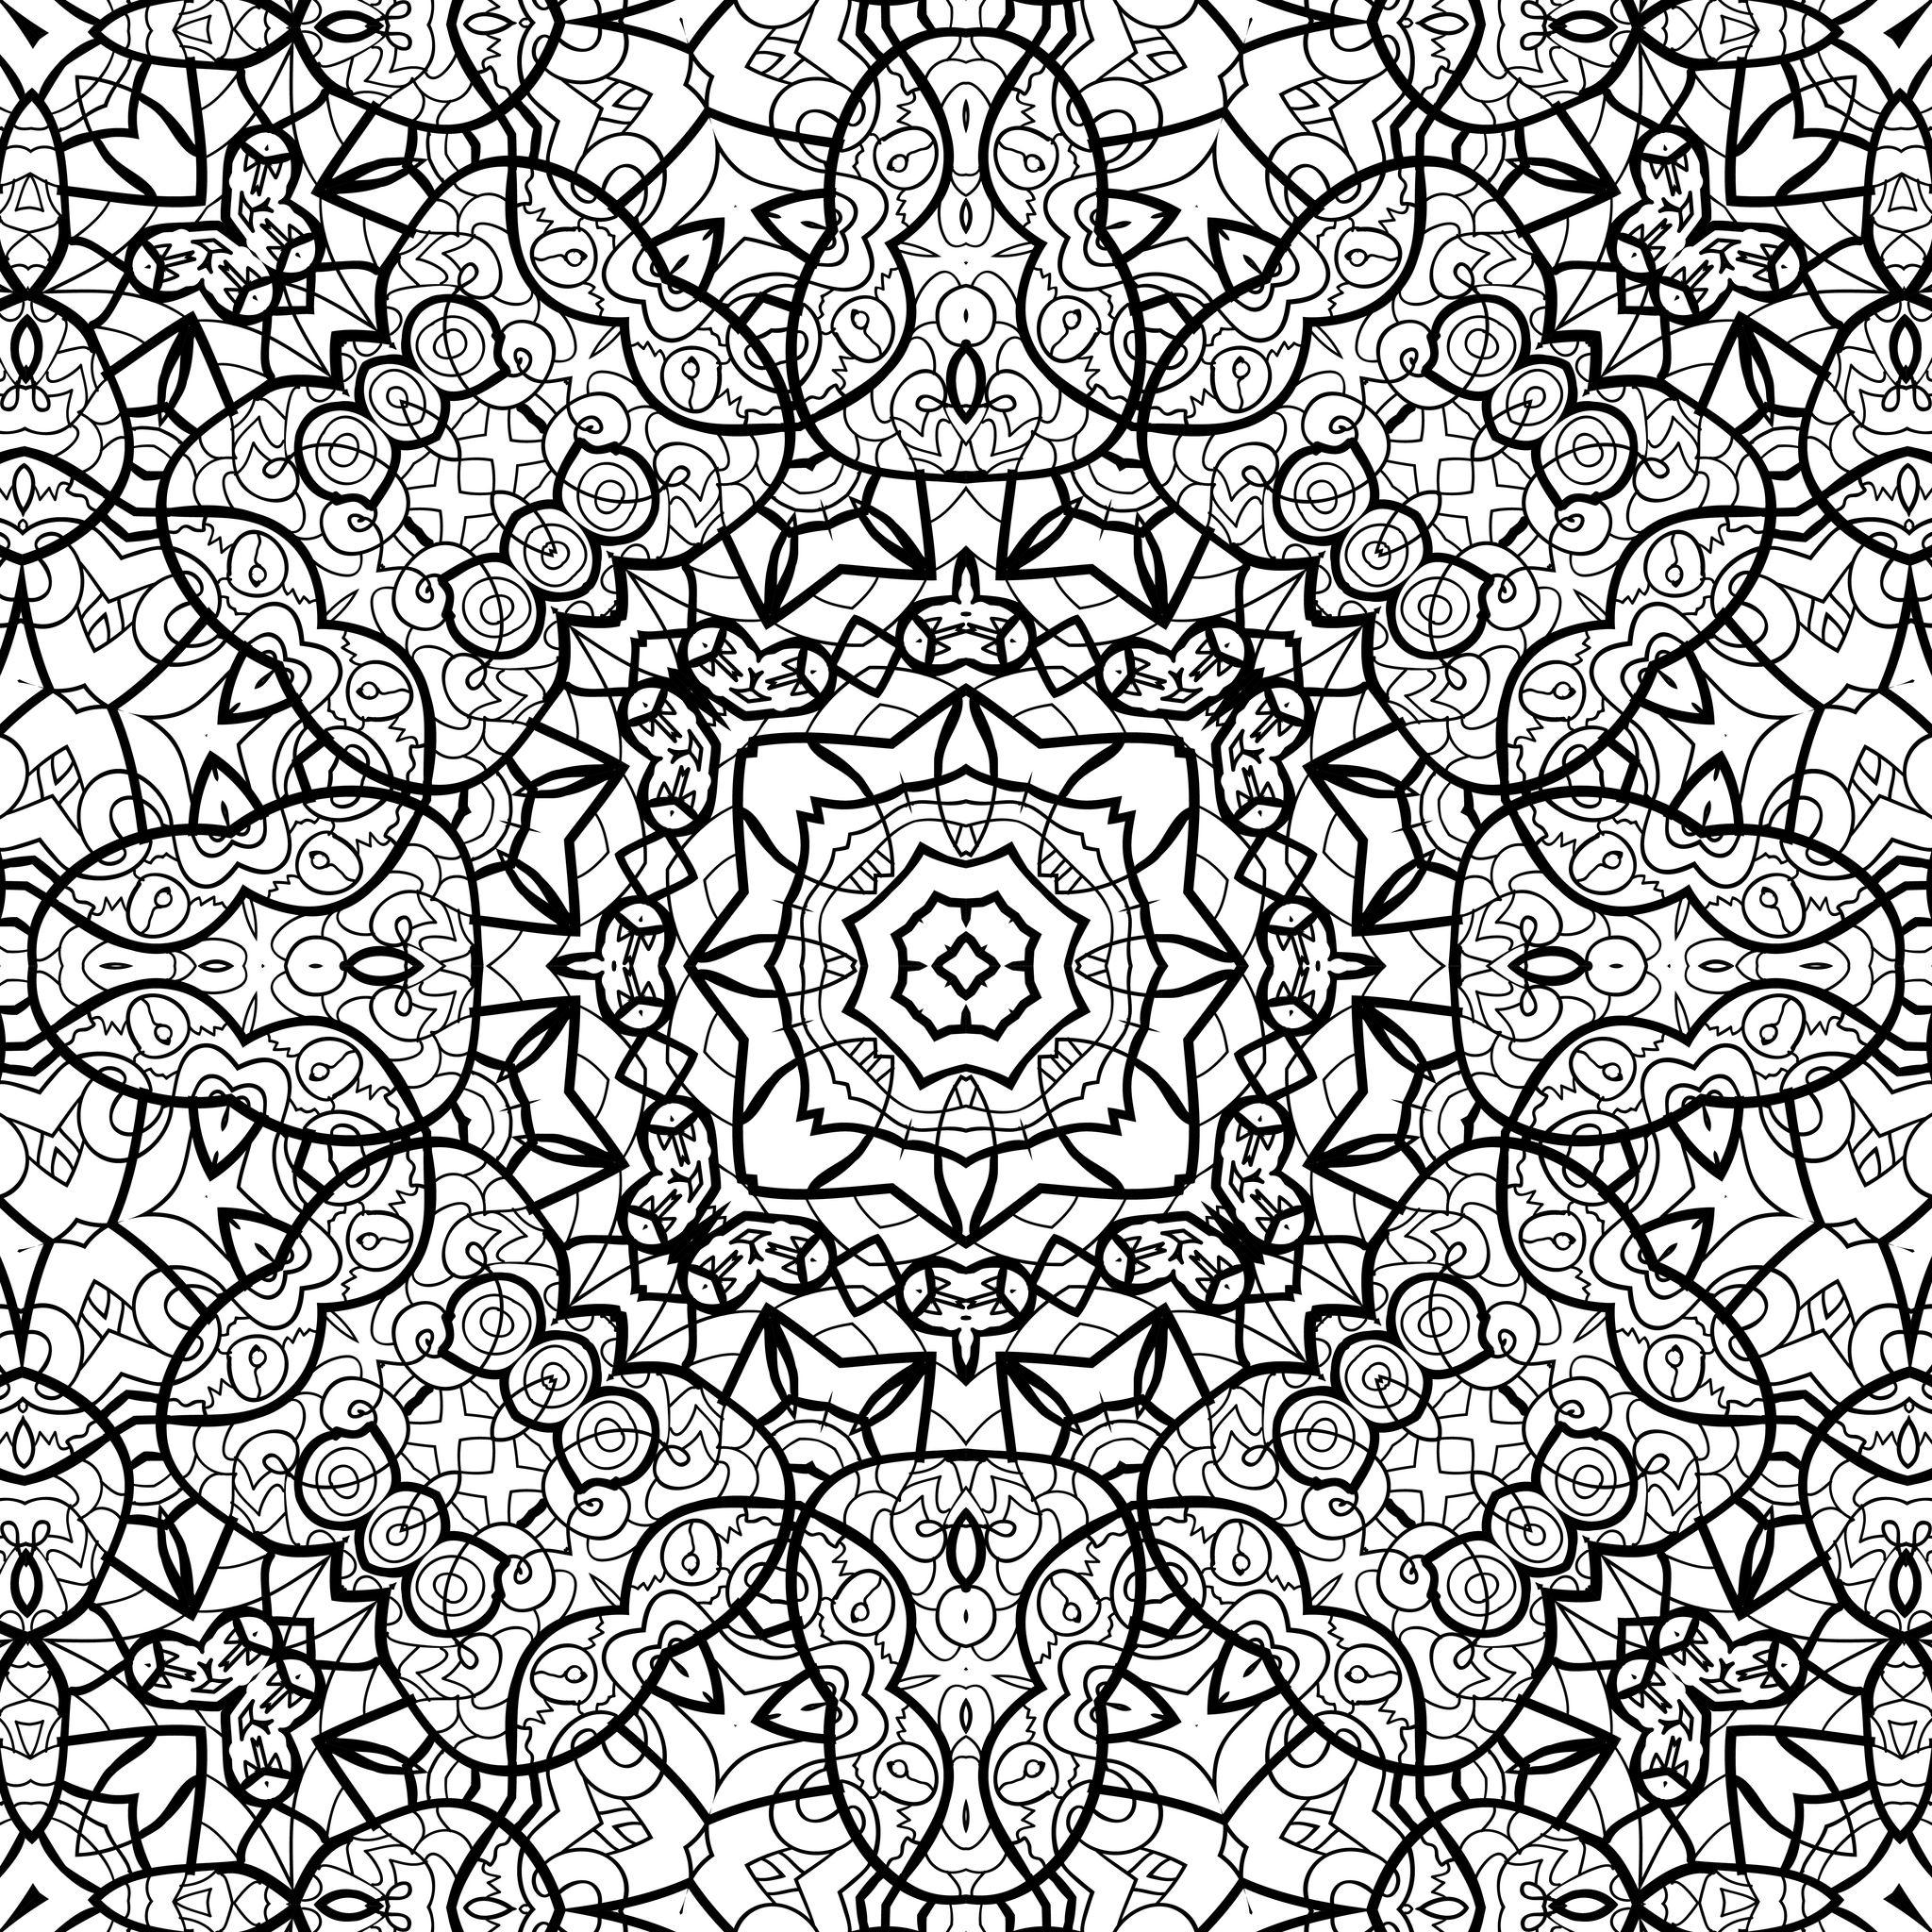 Dessins Gratuits À Colorier - Coloriage Zen À Imprimer dedans Image Zen A Imprimer